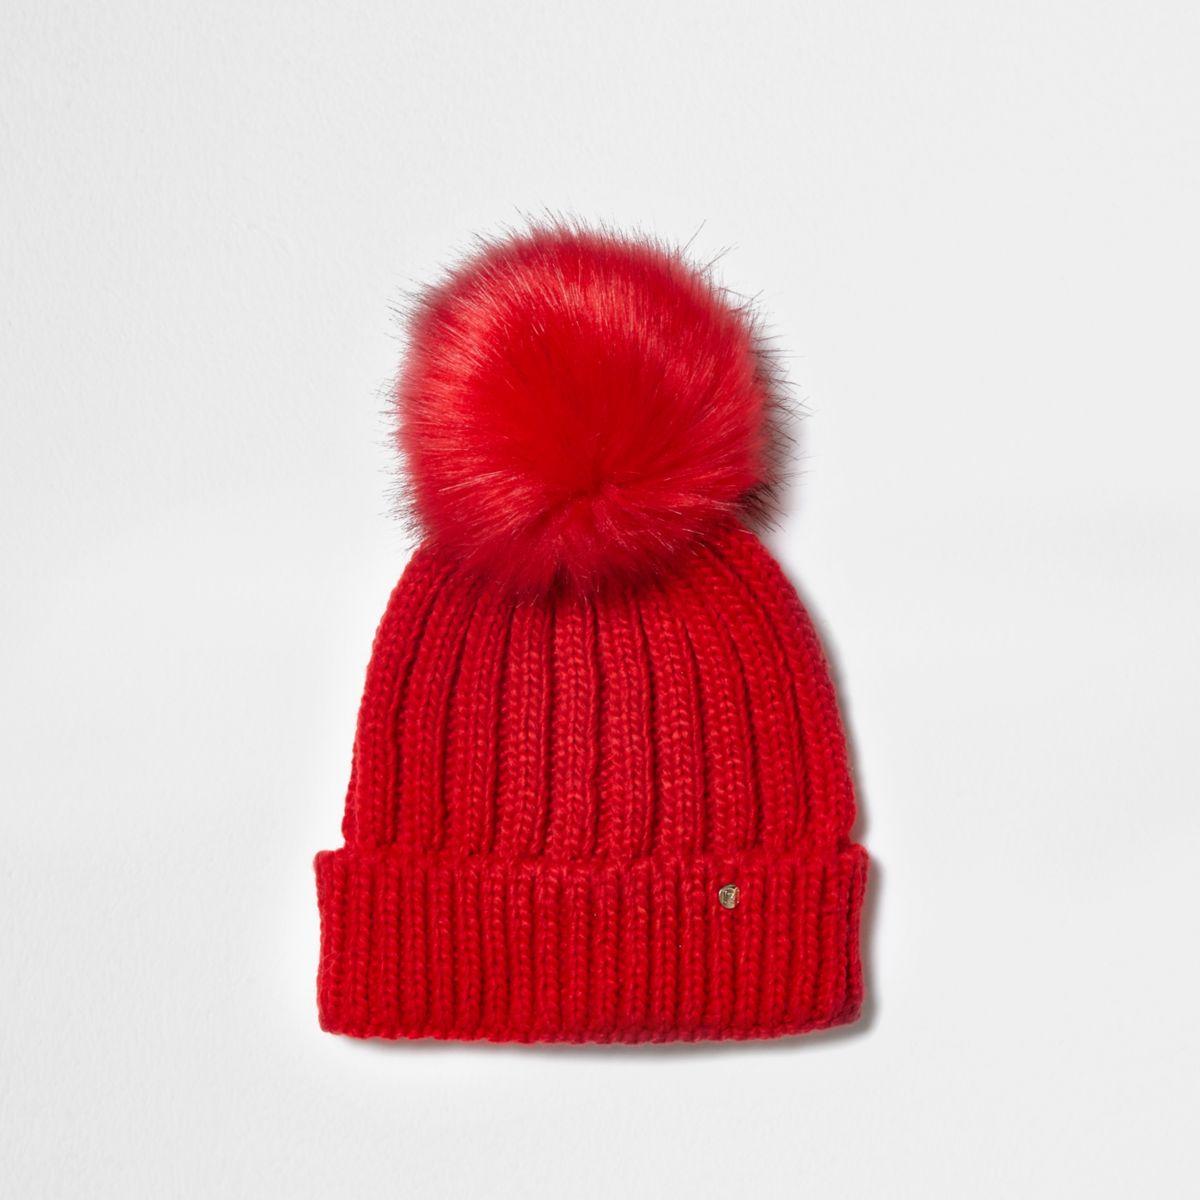 Red rib knit pom pom beanie hat